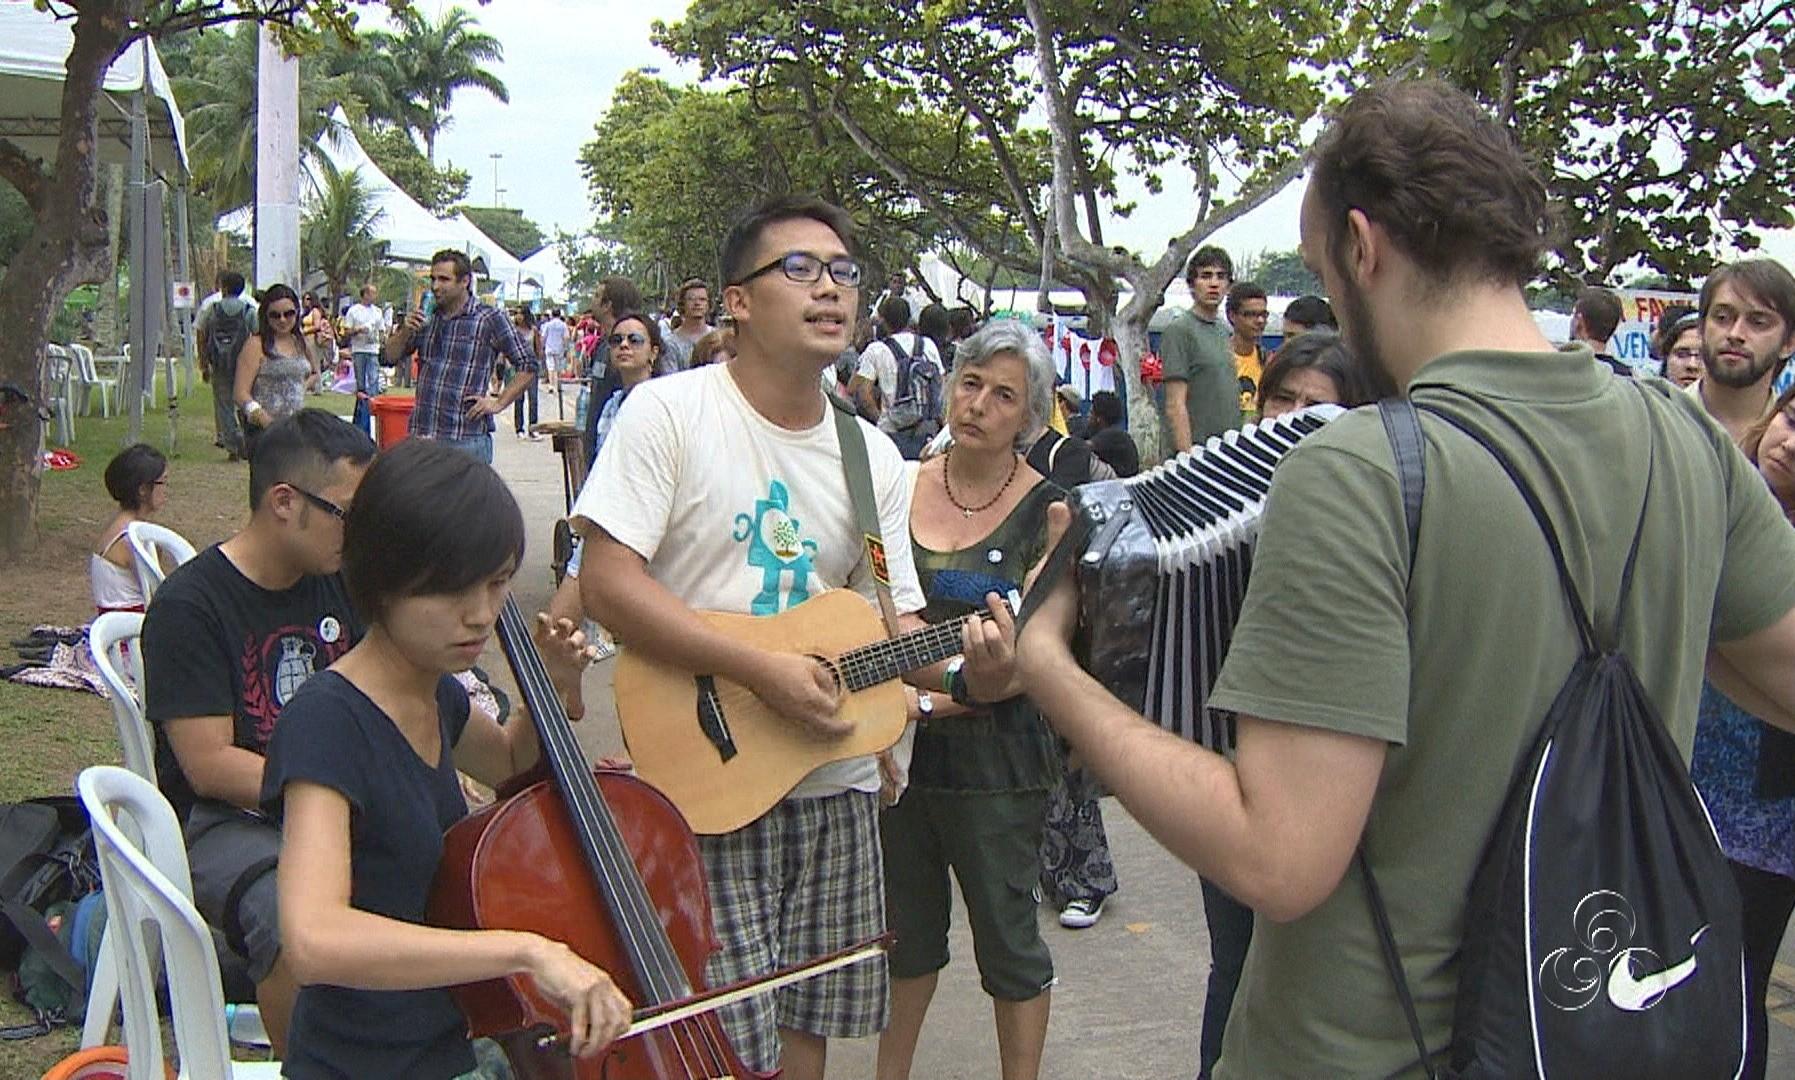 Rio+20 reuniu pessoas de vários países que mostraram um pouco da sua cultura (Foto: Amazônia TV)